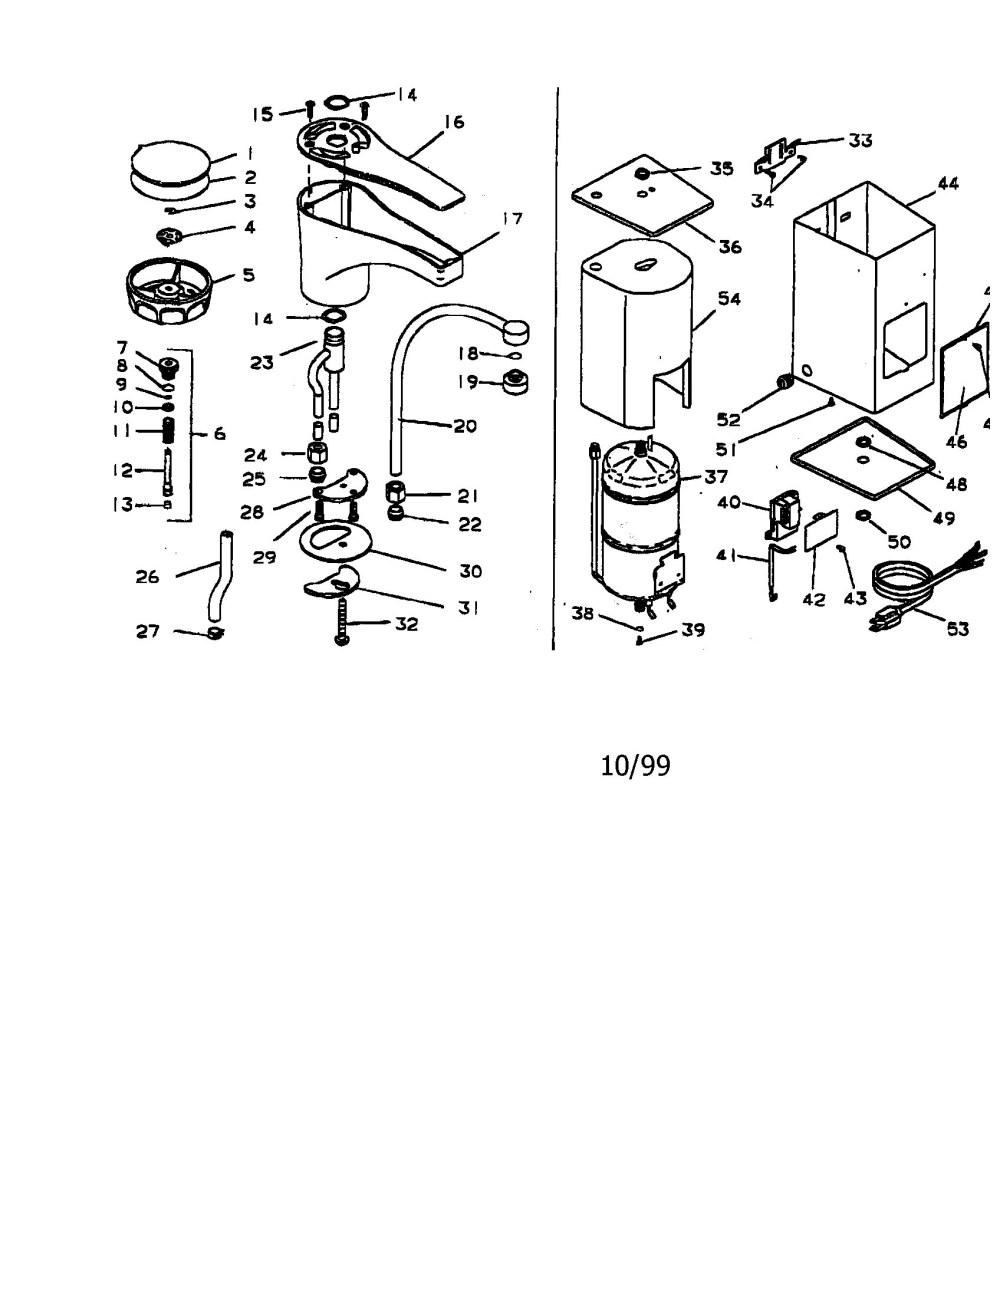 medium resolution of badger garbage disposal wiring diagram valid insinkerator garbage